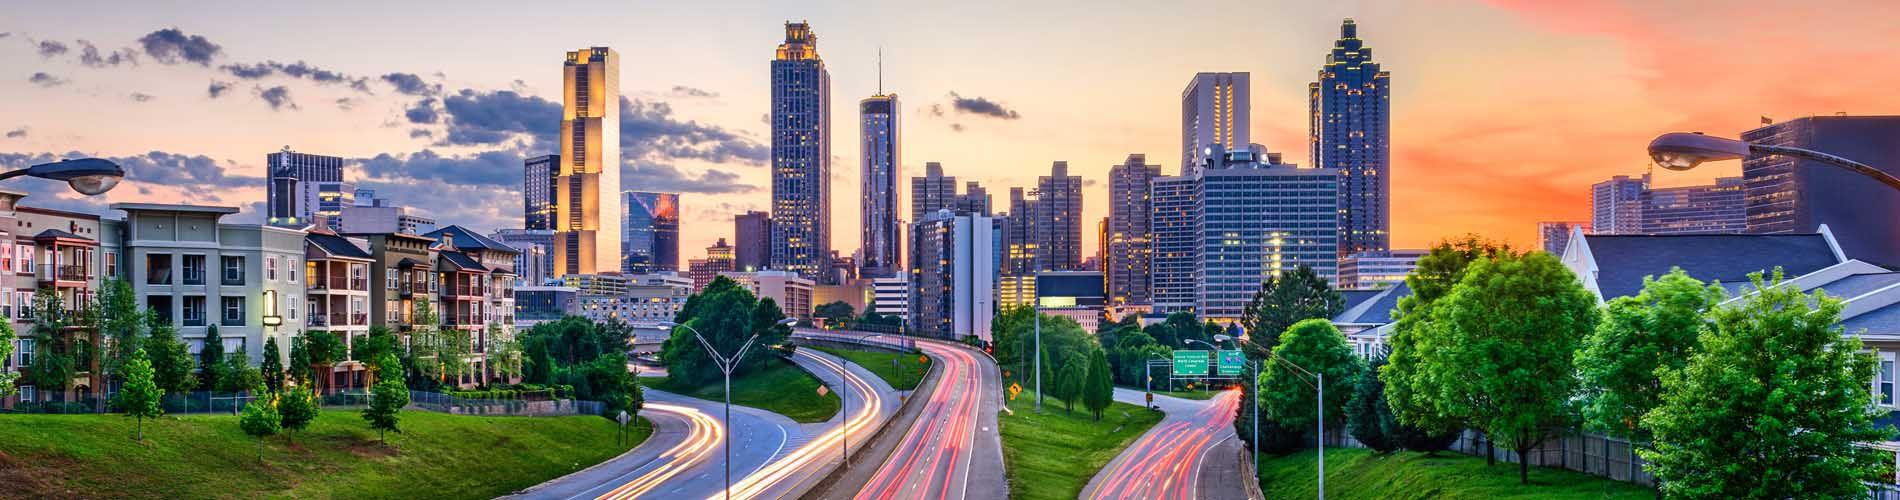 Atlanta Metals Service Center - Georgia | McNICHOLS®